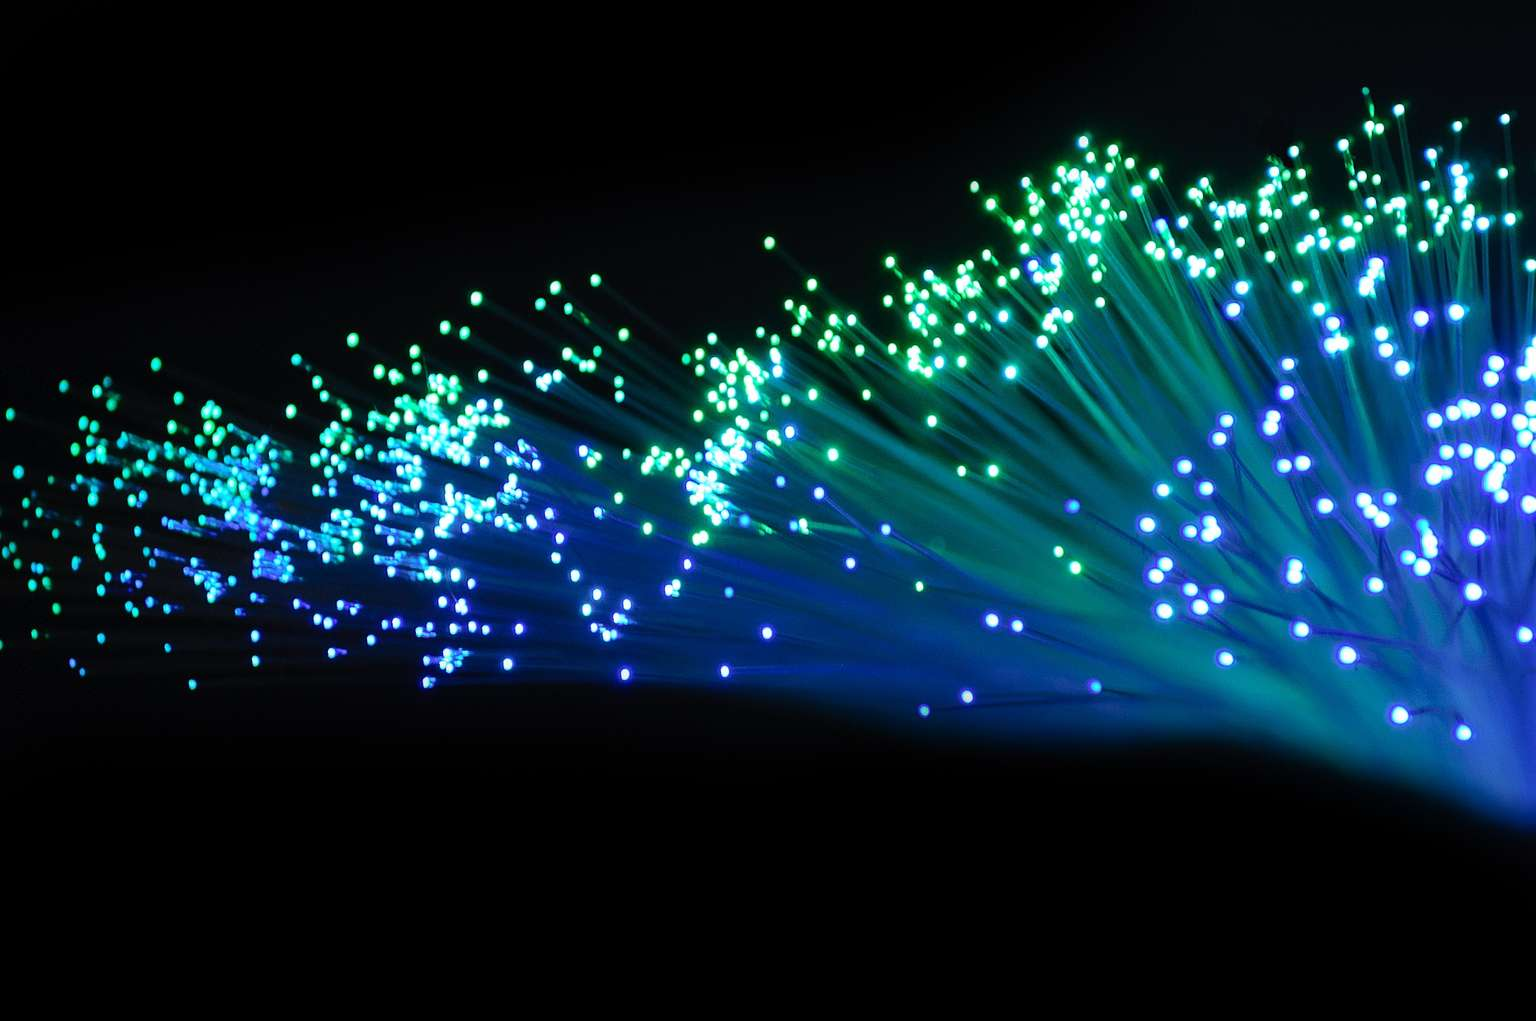 W jaki sposób wykorzystuje się światłowody – zastosowanie światłowodów